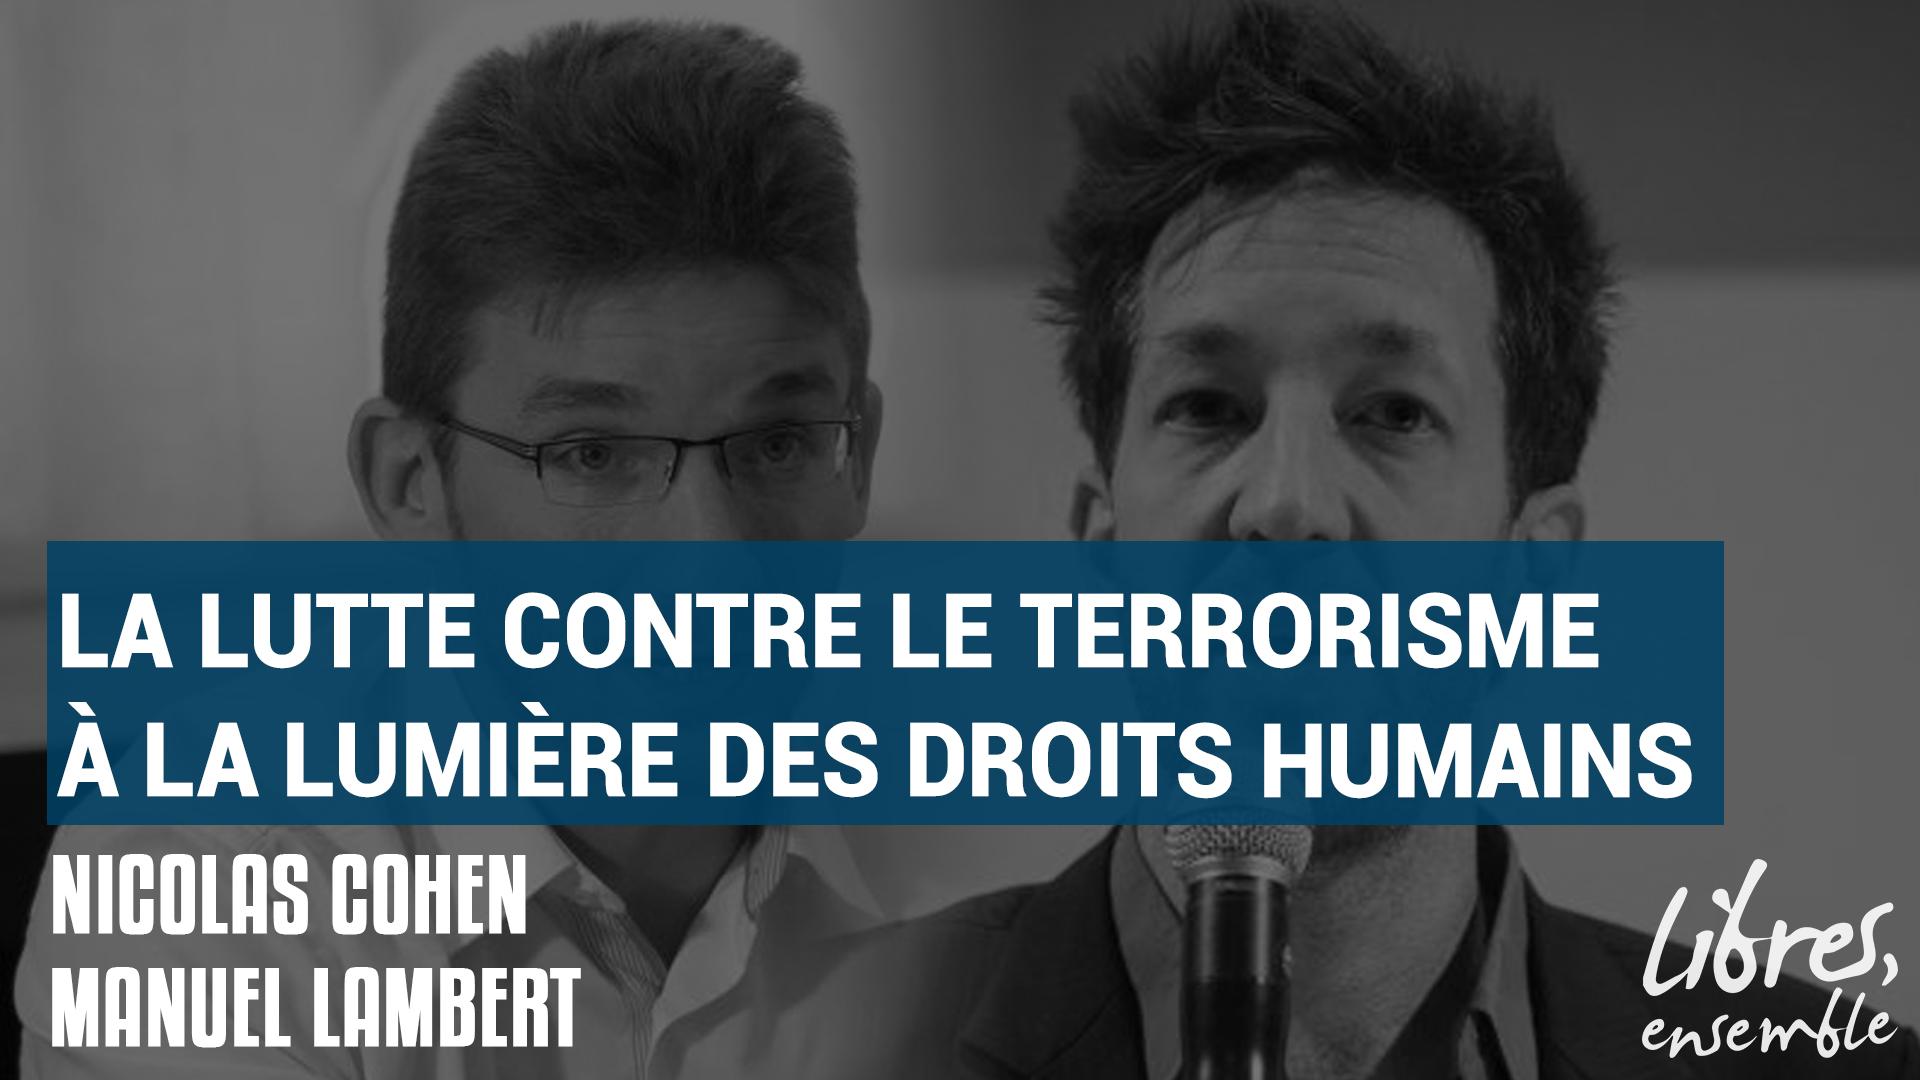 La lutte contre le terrorisme à la lumière des droits humains